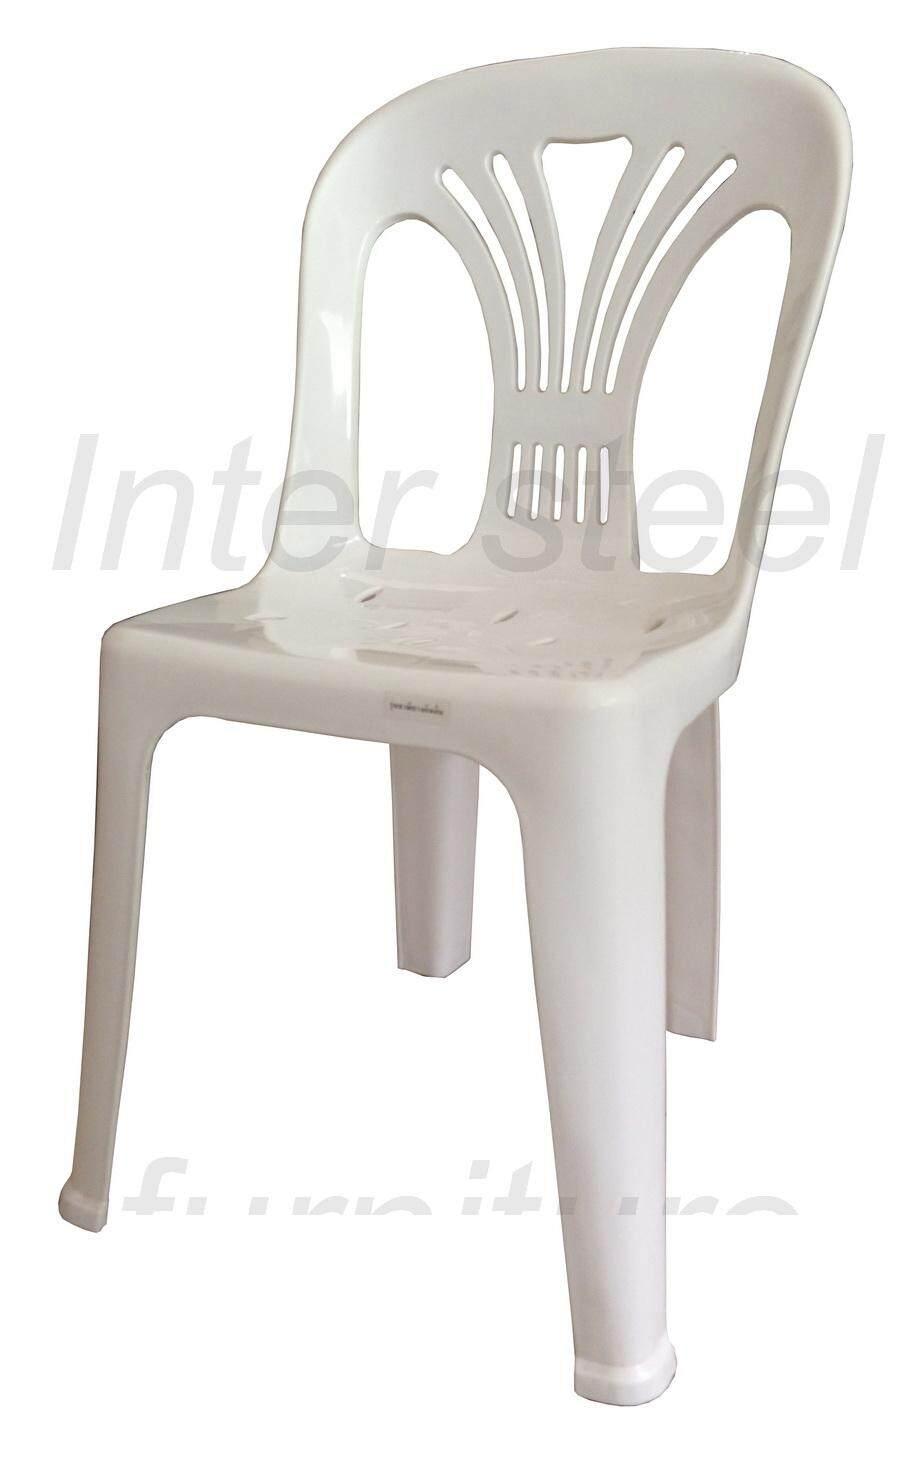 เช่าเก้าอี้ เชียงใหม่ Inter Steel เก้าอี้พลาสติก เกรดA มีพนักพิง รุ่นหลังW (สีขาว) Grade A plastic chair